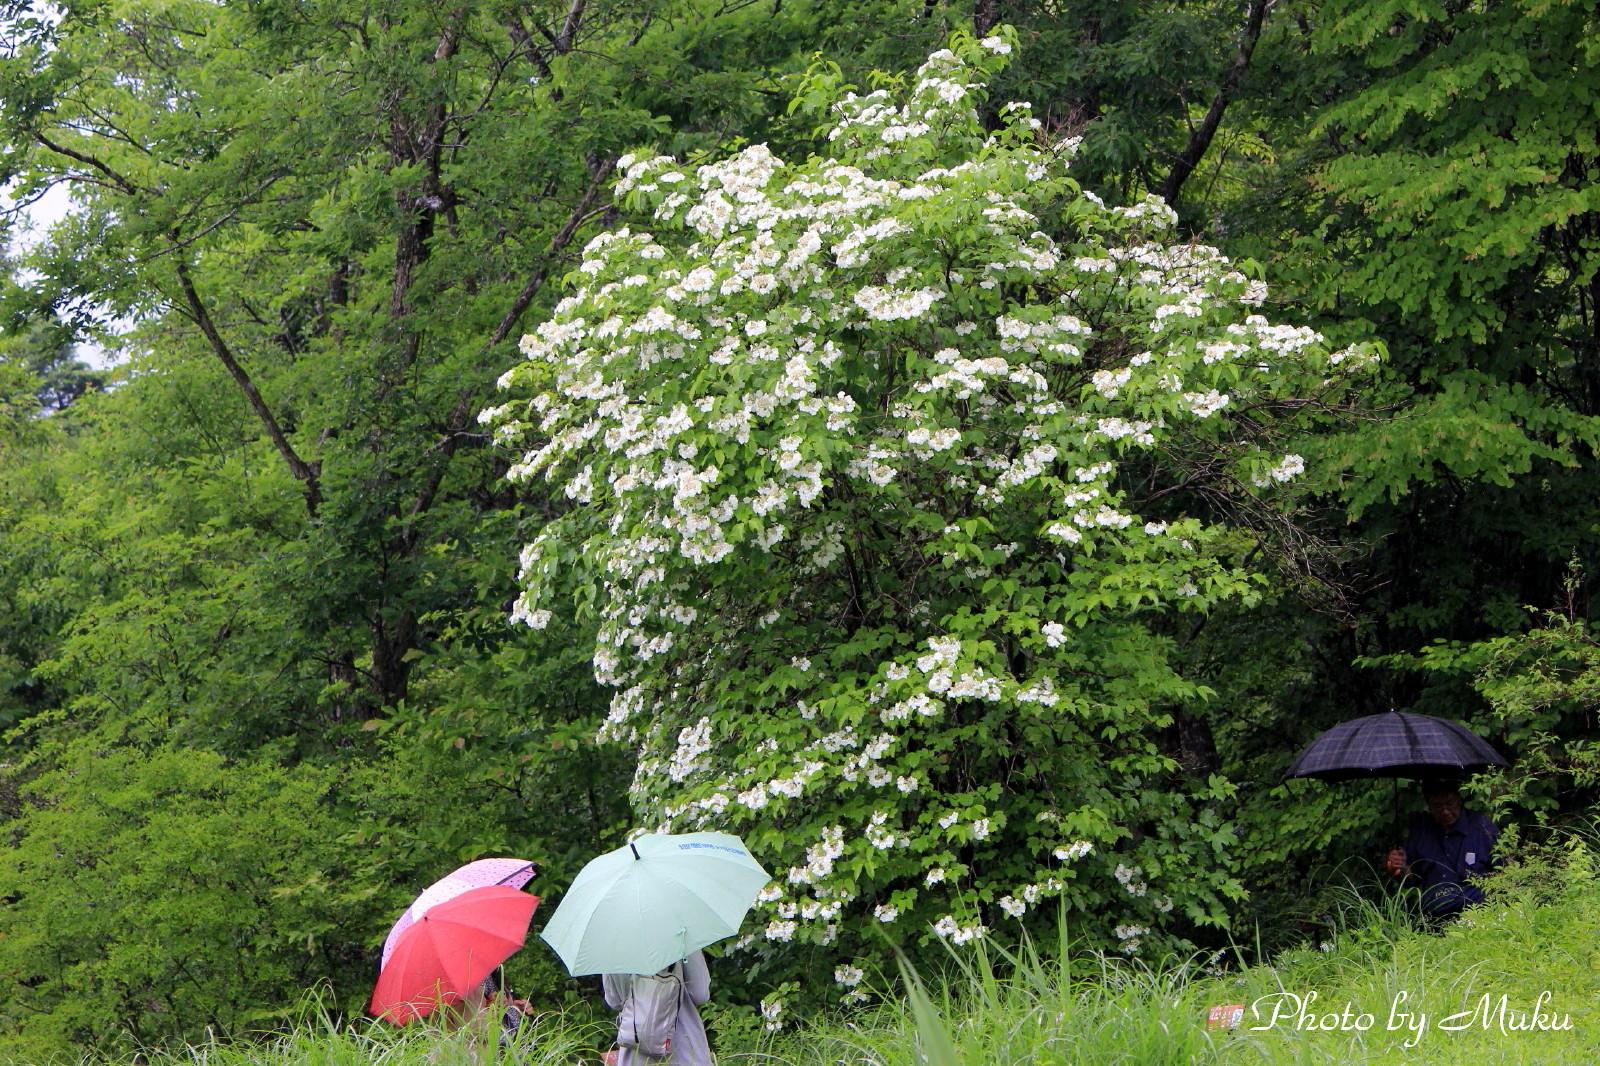 2014/06/05 カンボクの花 (箱根湿生花園:神奈川県横足柄下郡箱根町)